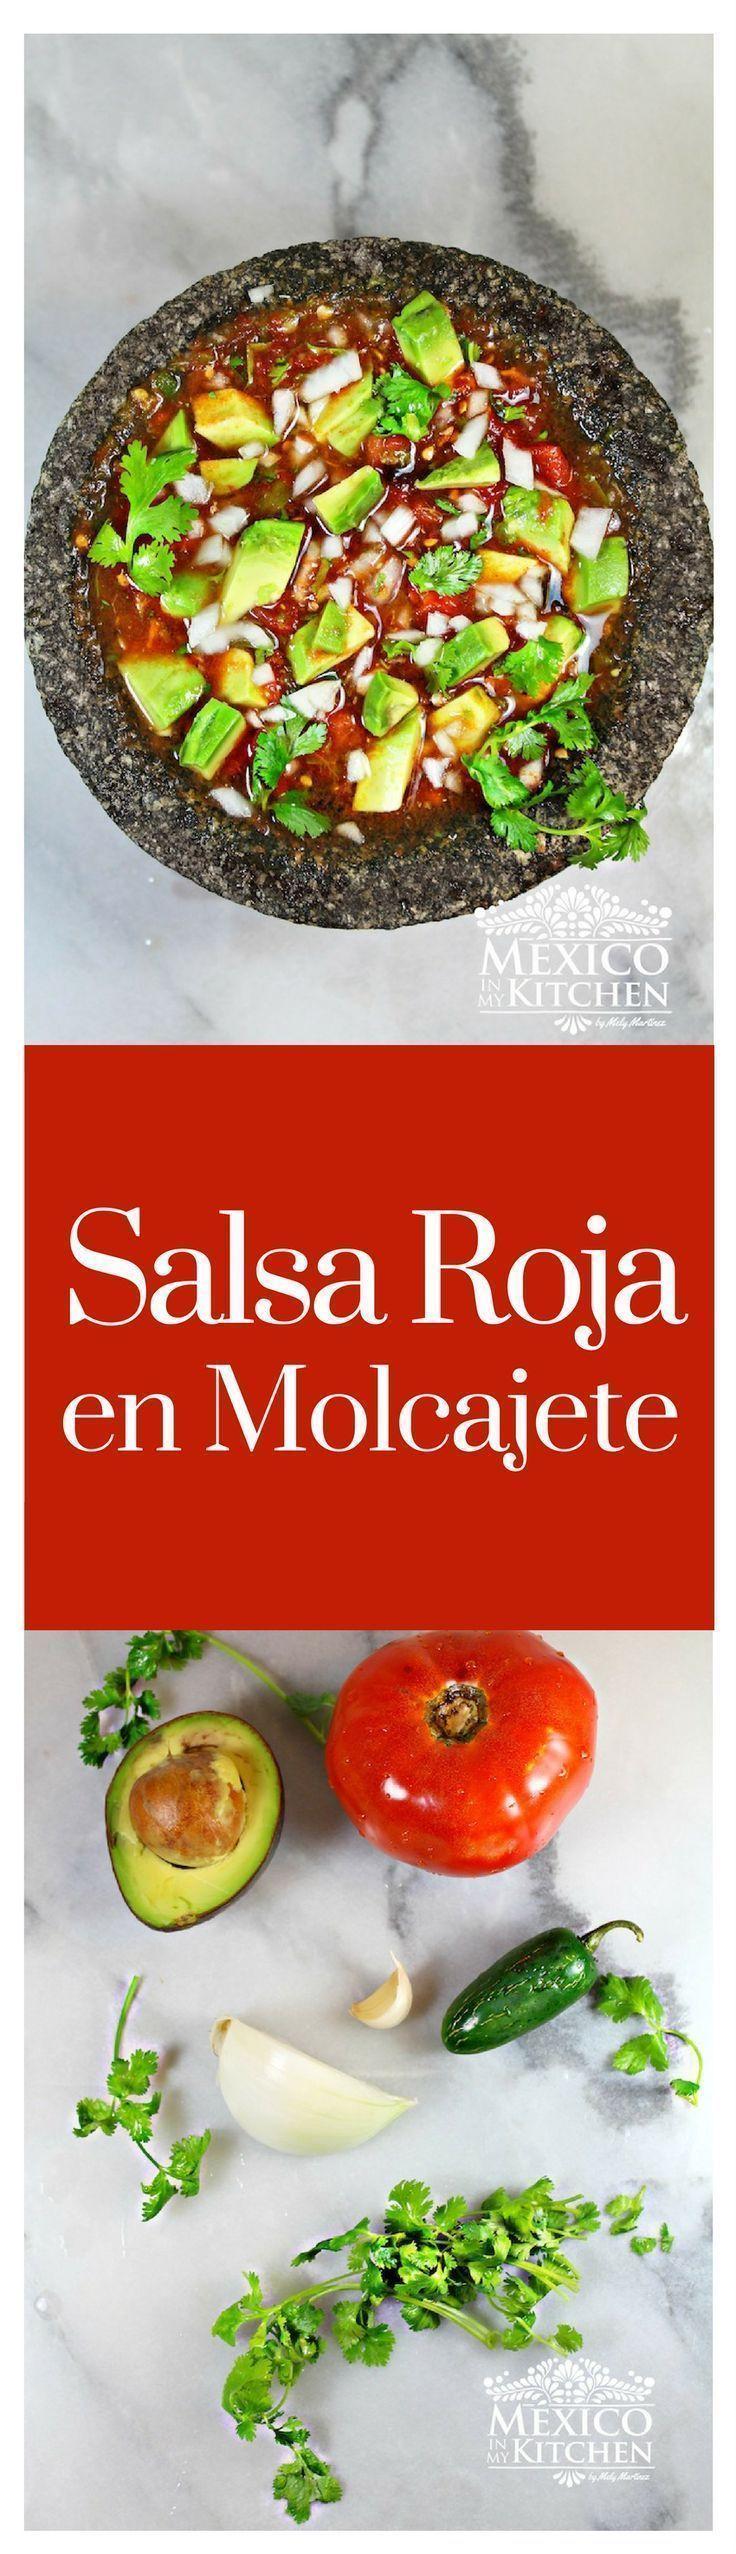 """La """"Salsa en Molcajete"""" es una salsa a mano usando el mortero de piedra de basalto mexicano llamado """"Molcajete"""" #receta #mexico #cocina #cocina"""